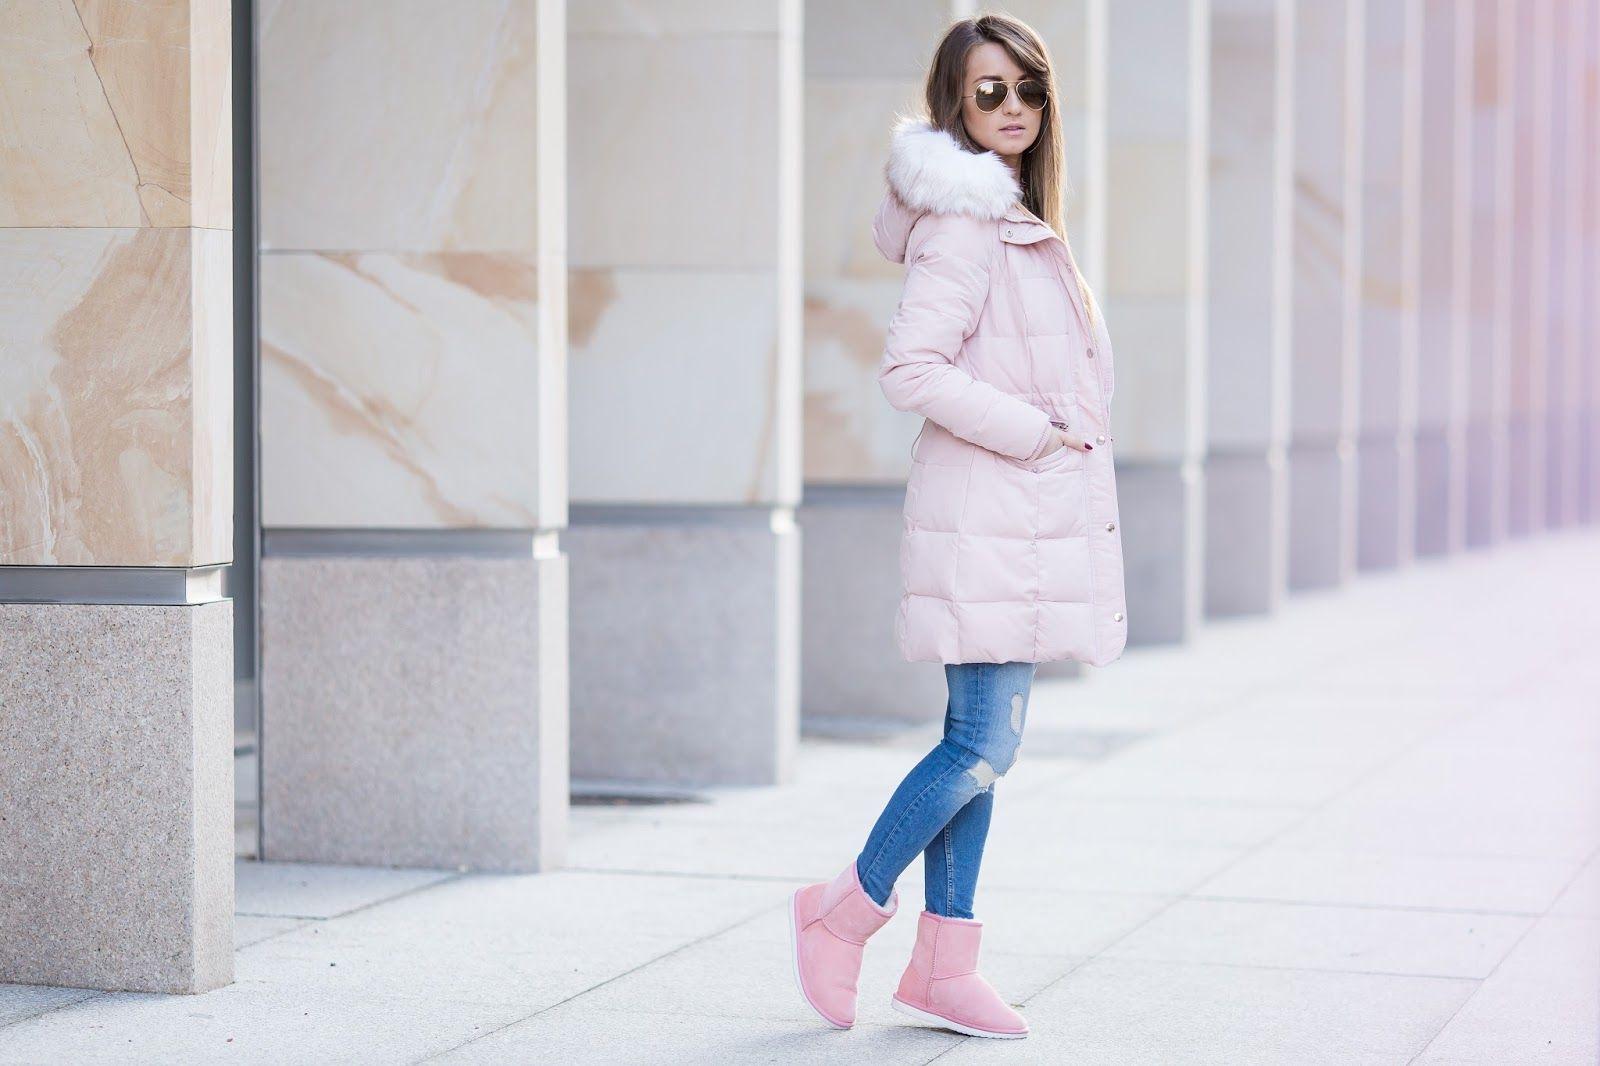 Pudrowa Kurtka Zimowa Pink Winter Coat Pink Winter Coat Fashion Winter Jackets